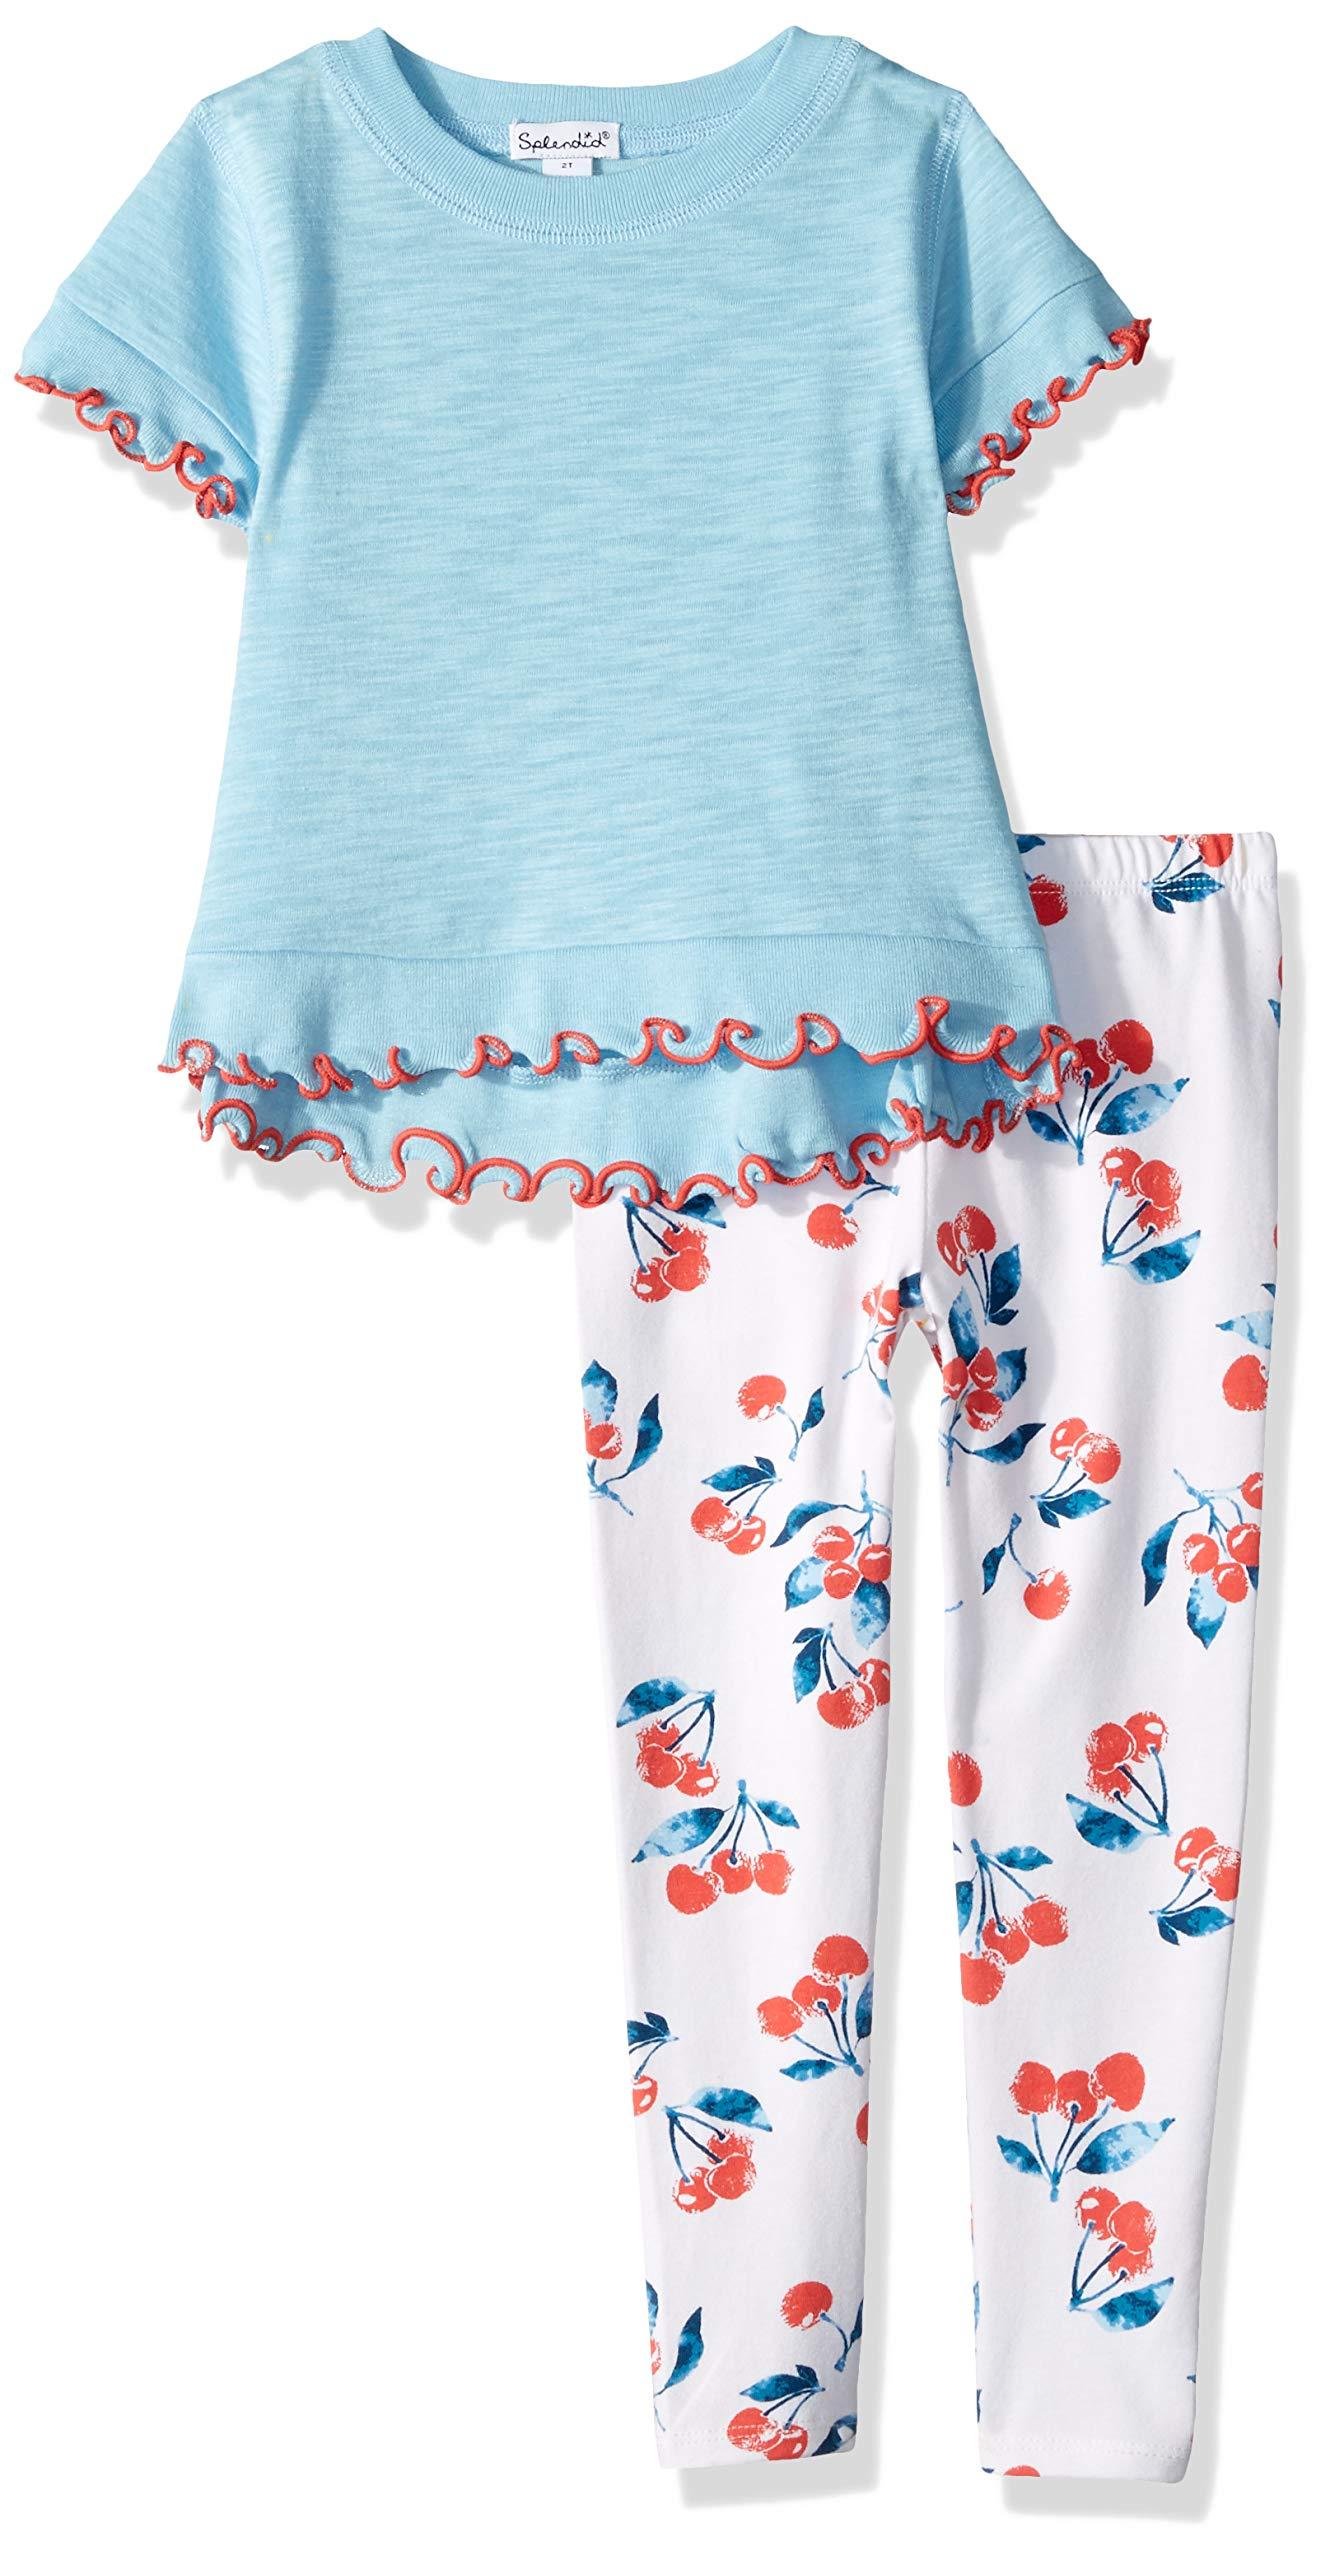 Splendid Girls' Cherry Print Legging Set